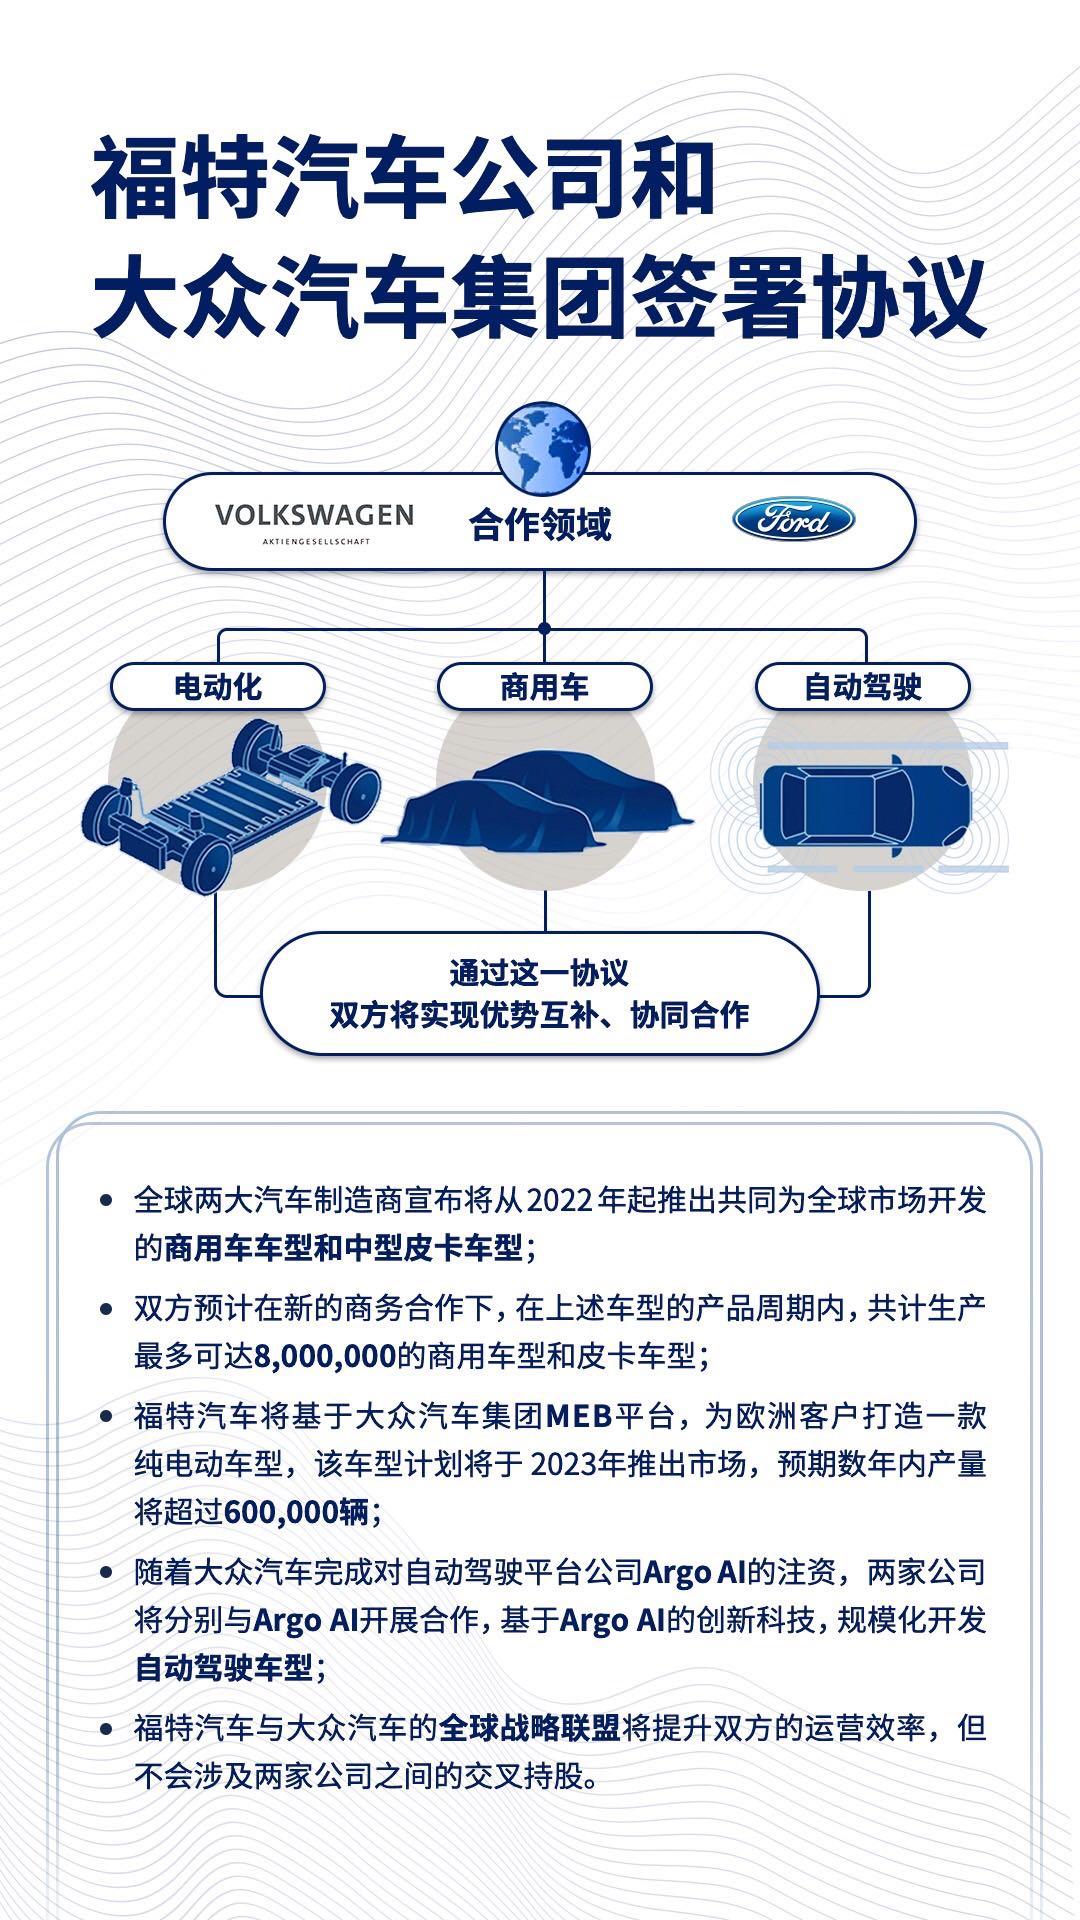 福特汽车和大众汽车正式签署战略合作协议